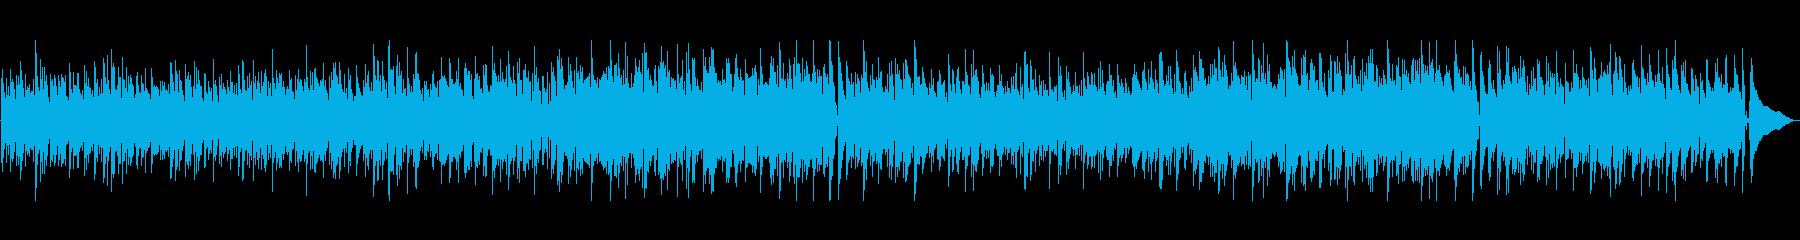 ピアノの旋律が印象的なボサノバの再生済みの波形